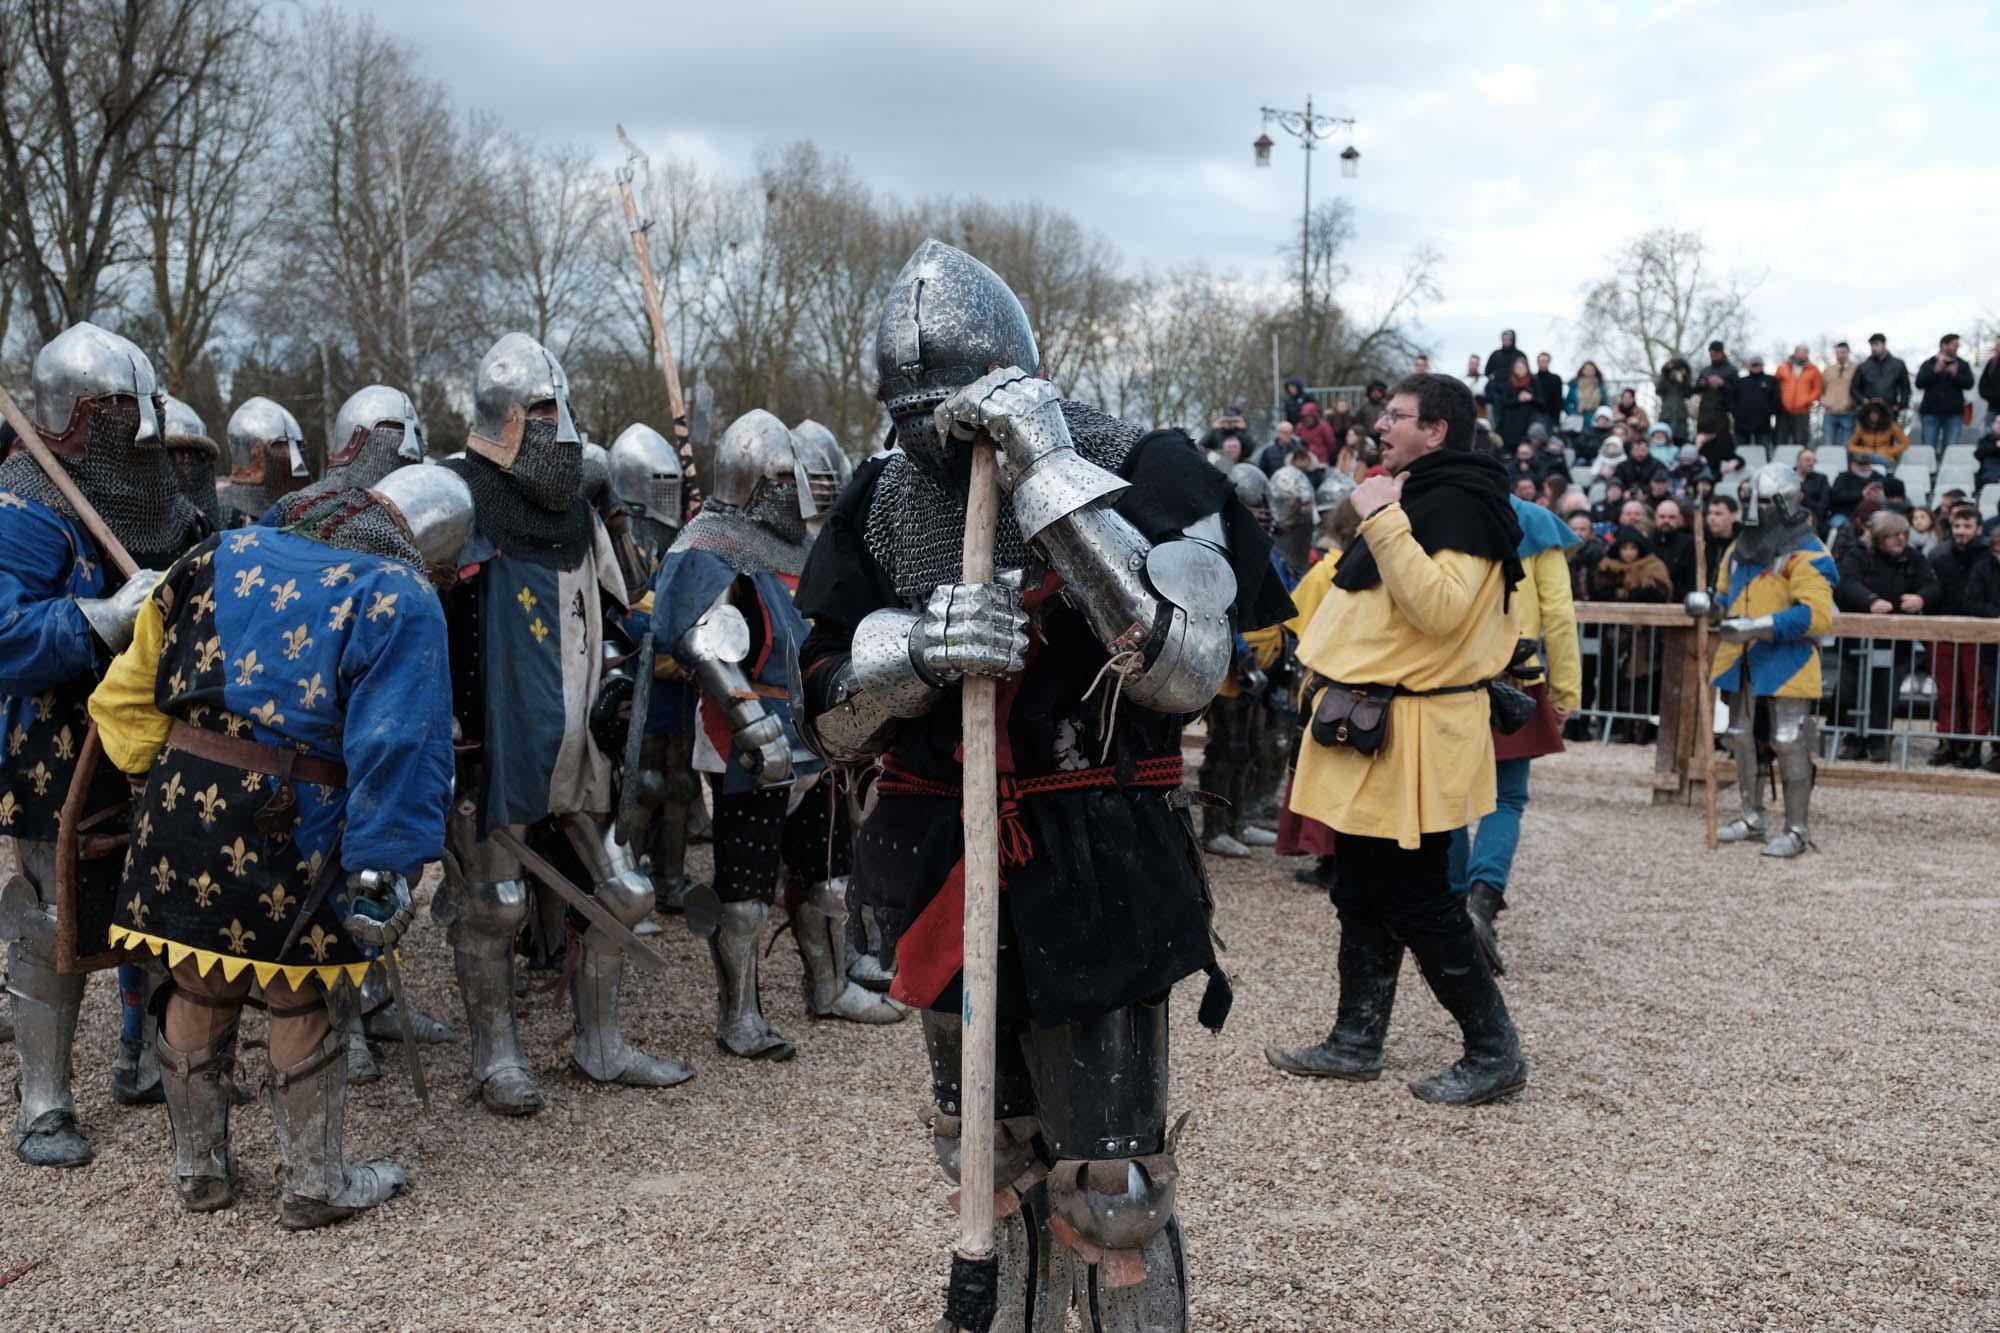 Un combattant de l'équipe de Exactor mortis pendant un combat de 30 contre 30. Les équipes forment des coalitions pour pouvoir atteindre ce nombre de combattants lors d'un tournois.